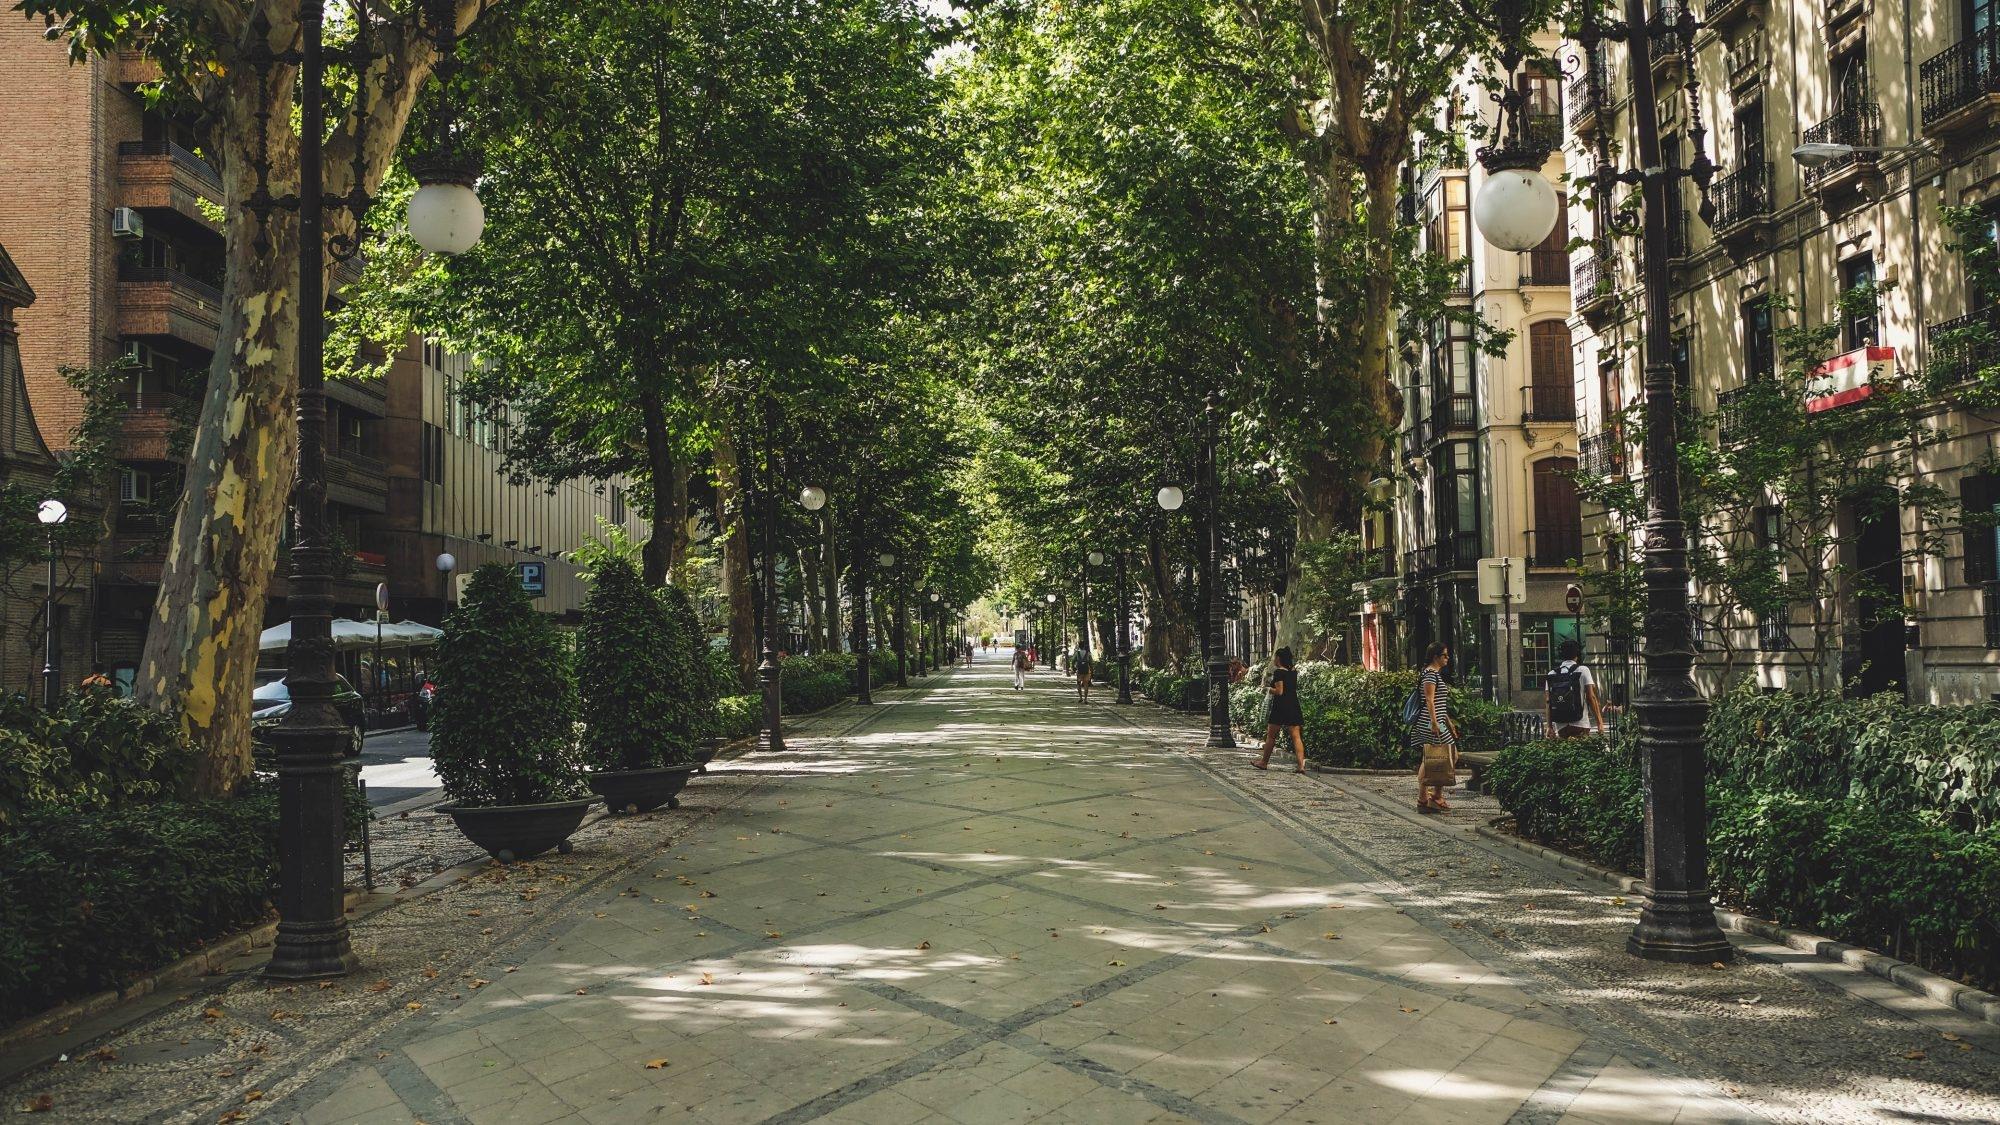 Rue de grenade Andalousie